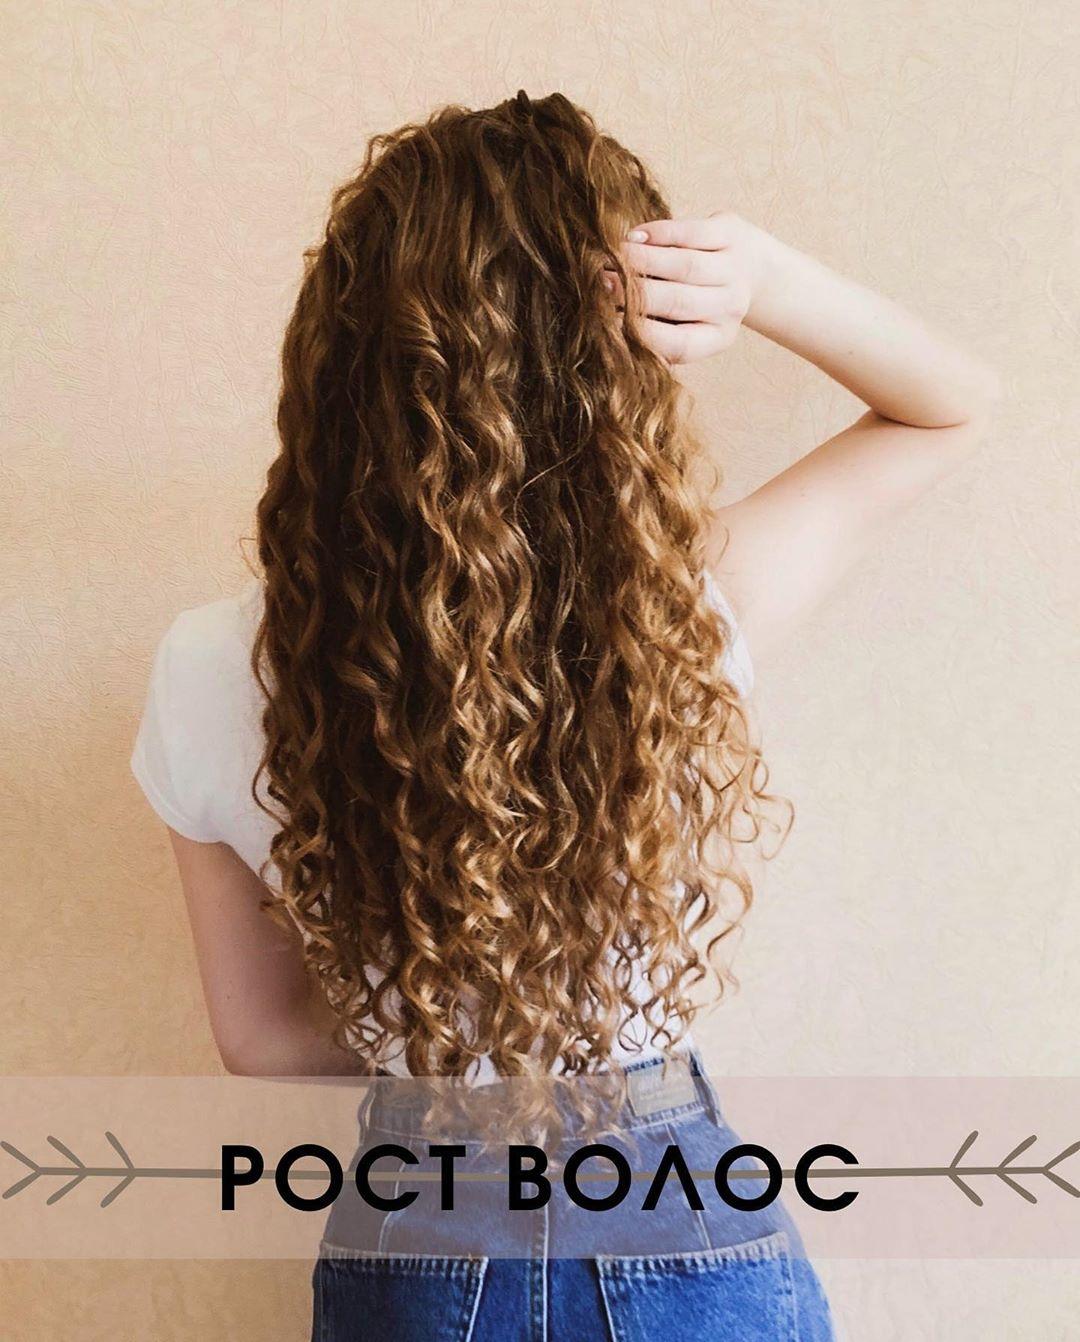 Стимуляция роста волос: Как отрастить длинные кудри? Разбираемся  ⠀ 1& Генетика  Ни для кого не секрет,  что ...